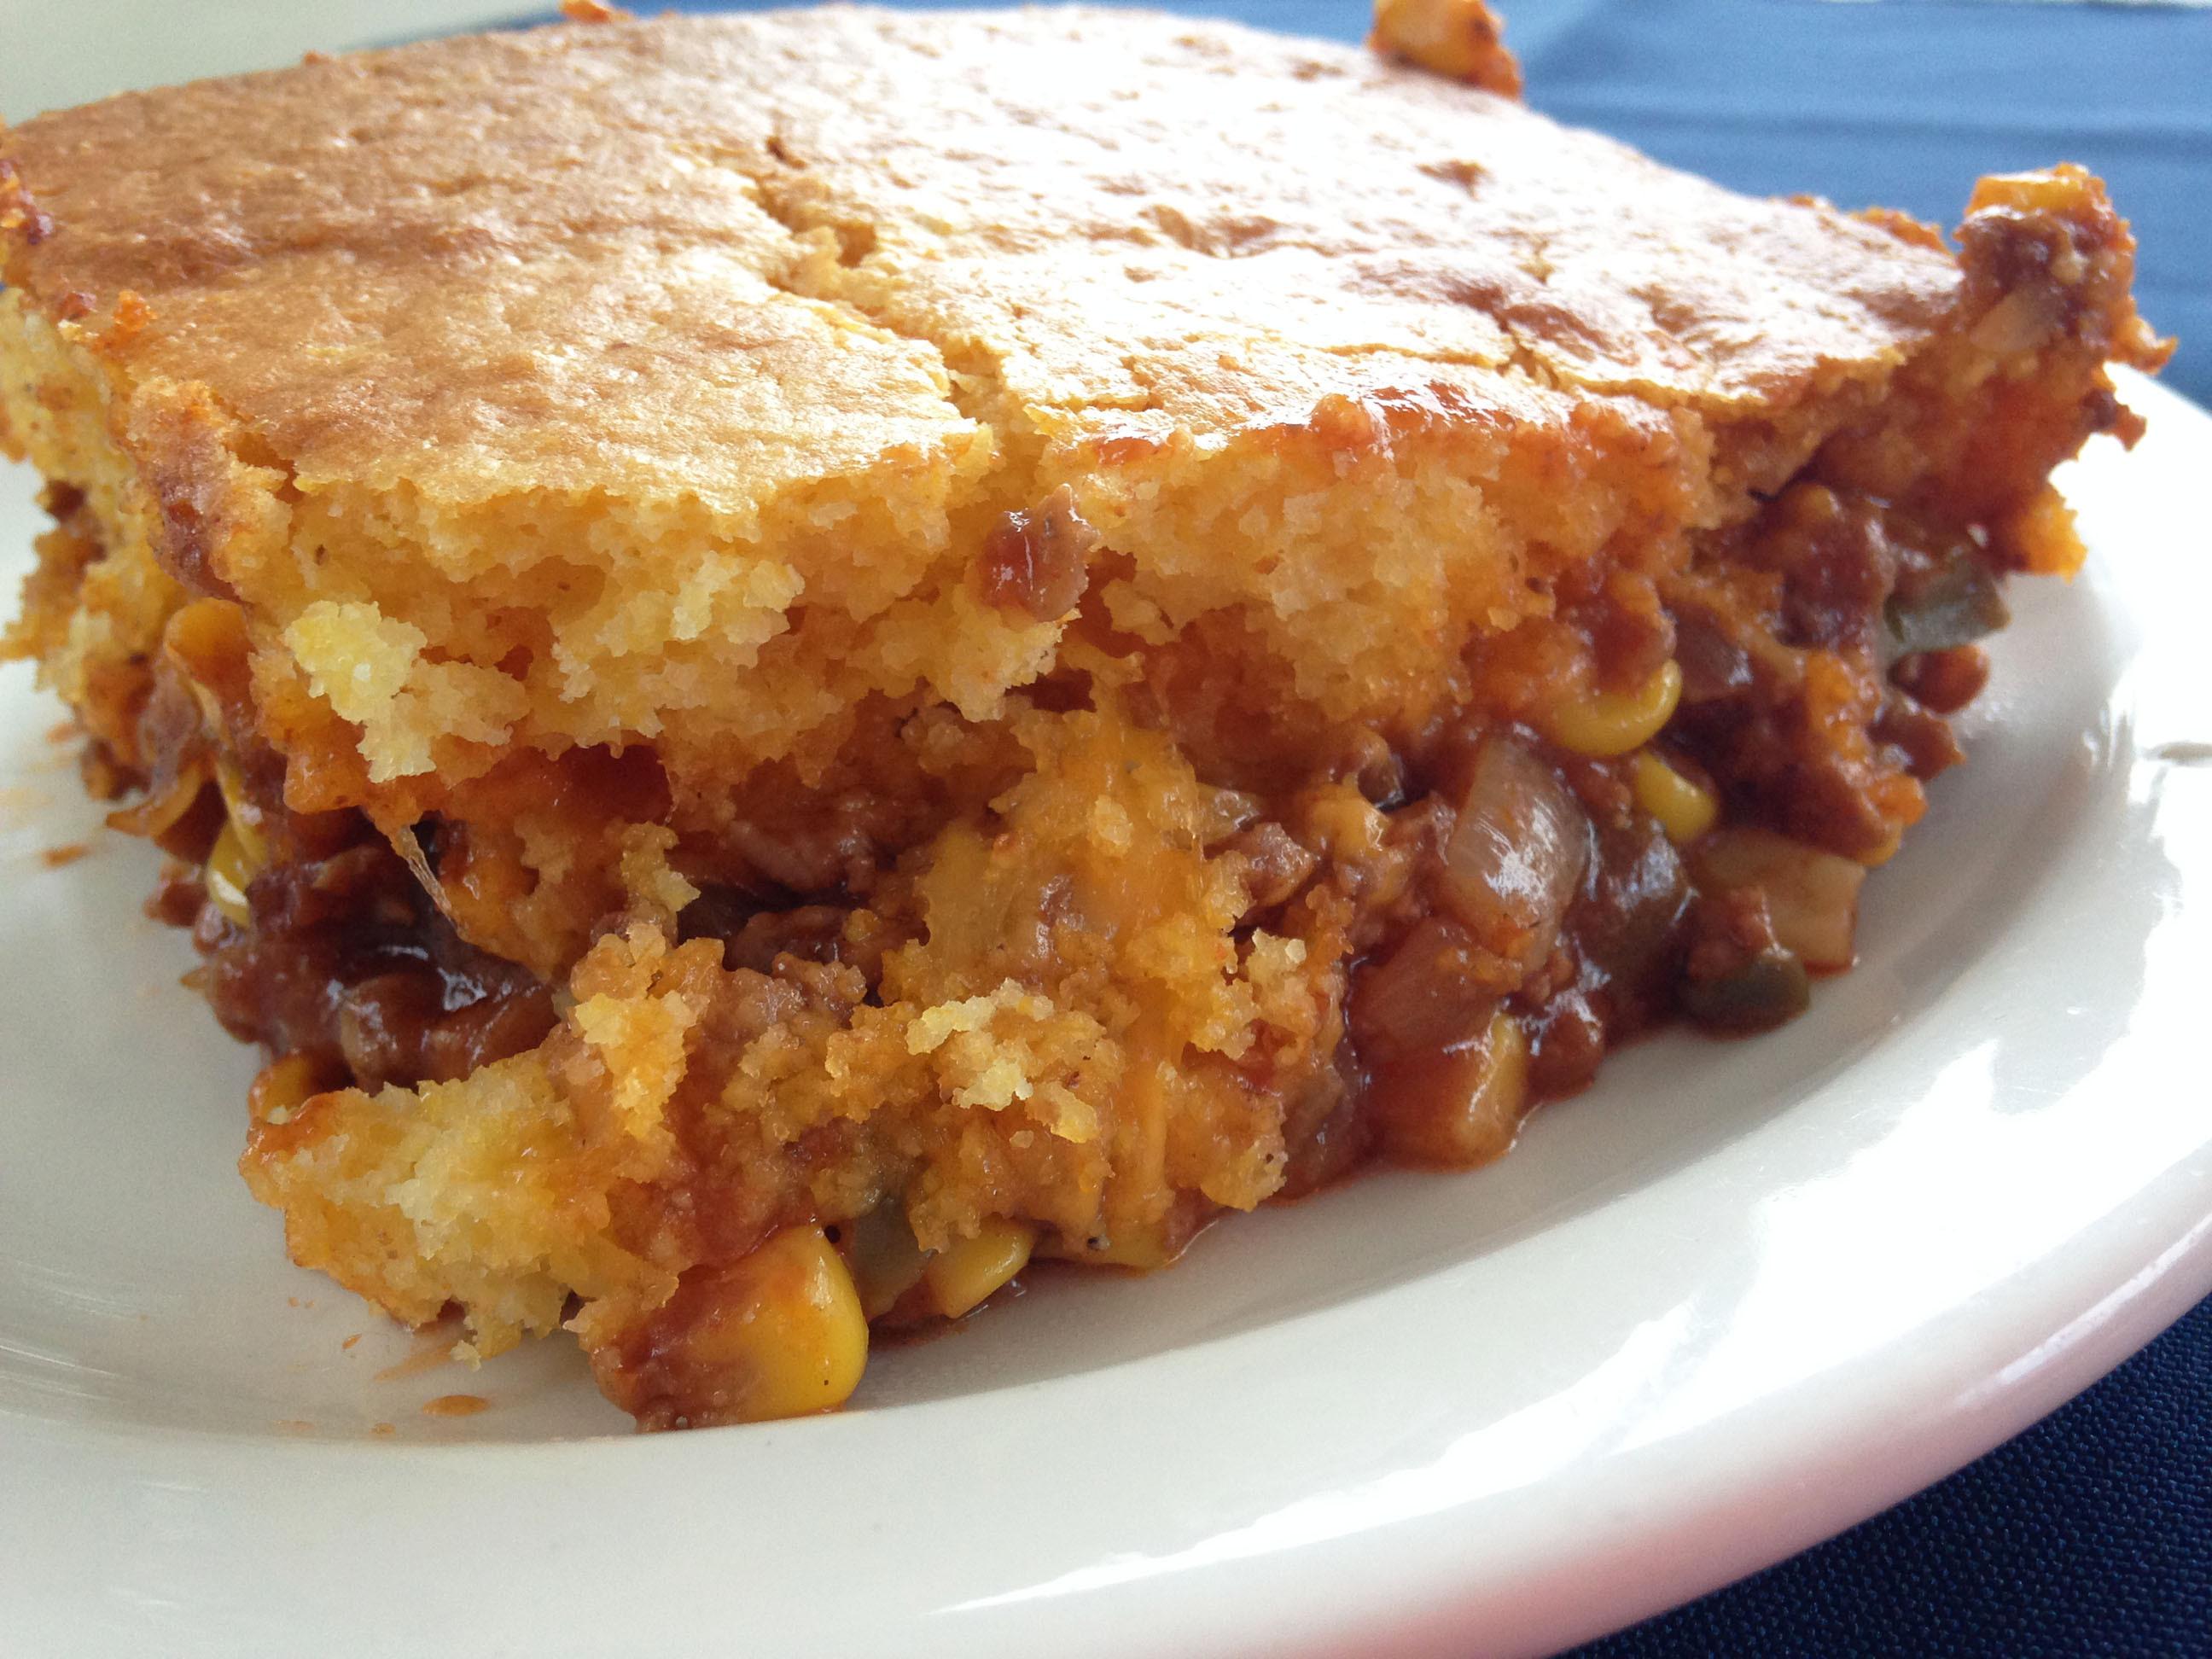 Chili Cornbread Casserole  Mexican chili cornbread casserole recipe